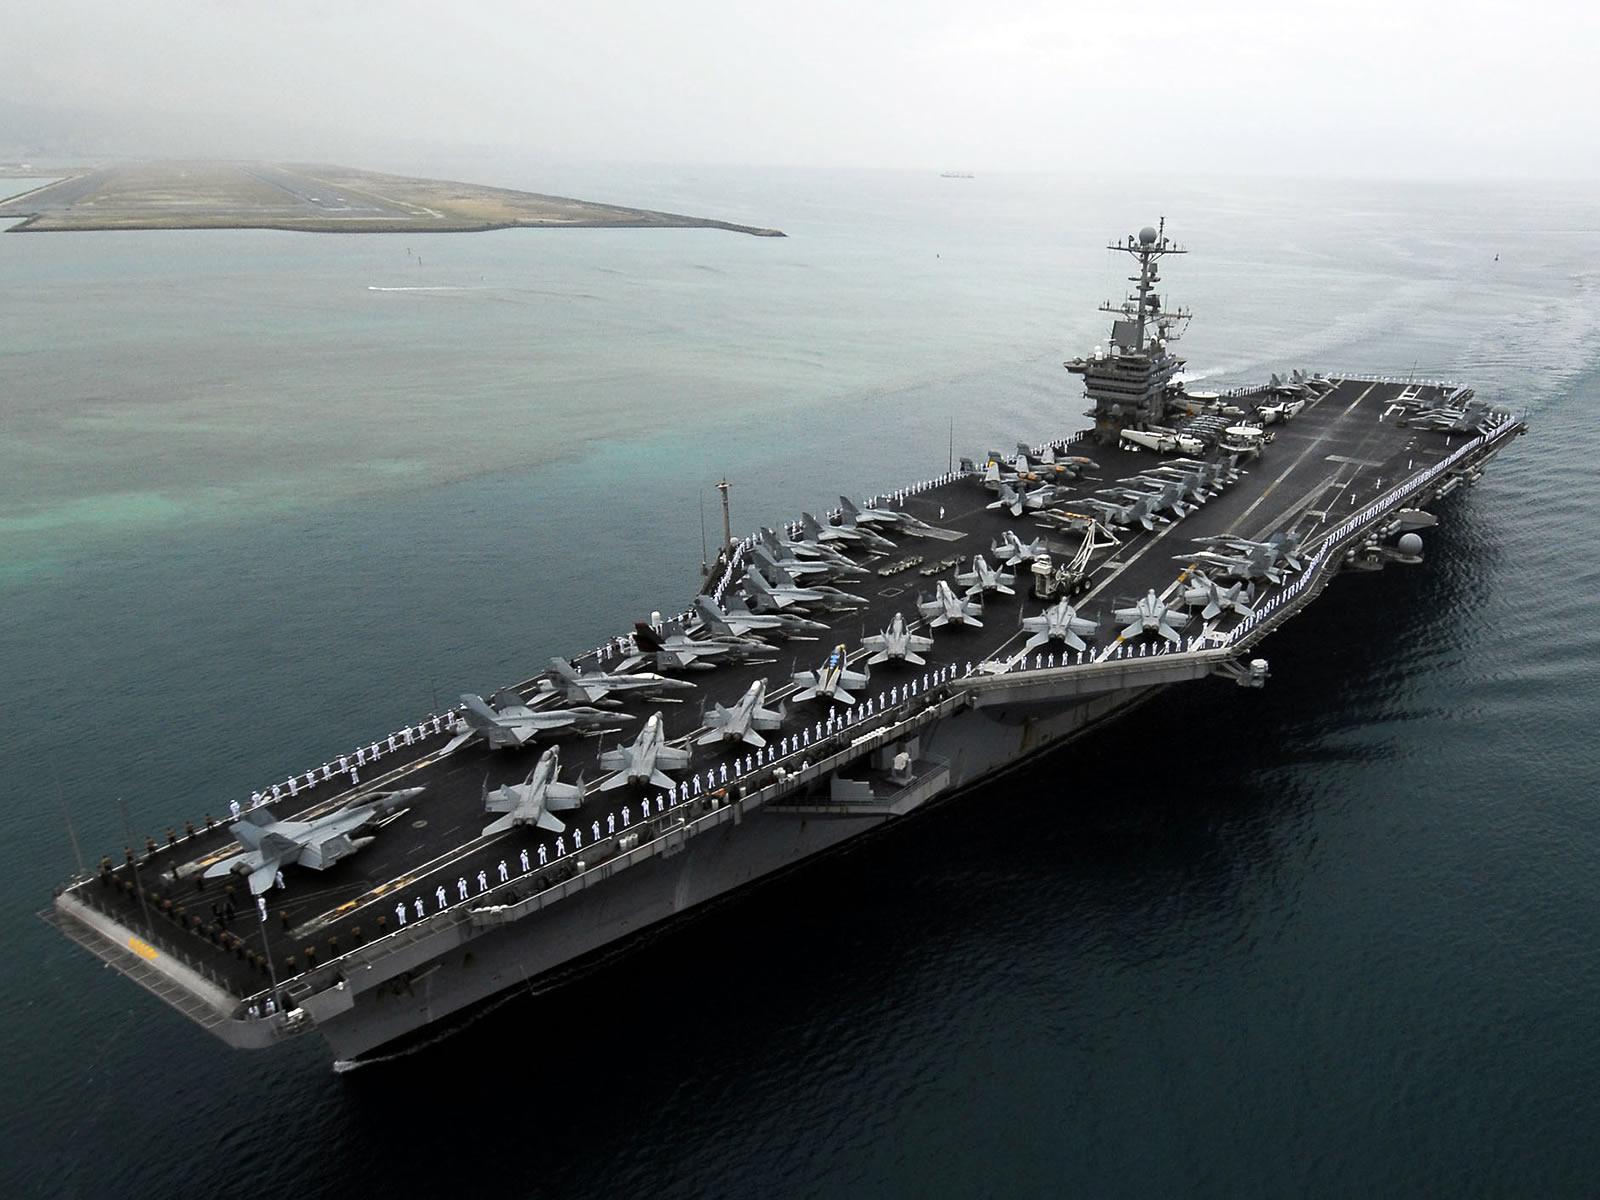 http://4.bp.blogspot.com/-RQZ-YjBLxyw/Tt4Zv8l4cKI/AAAAAAAAAjw/Q4WpdT3jQZc/s1600/2691-military_uss_john_c__stennis_wallpaper.jpg